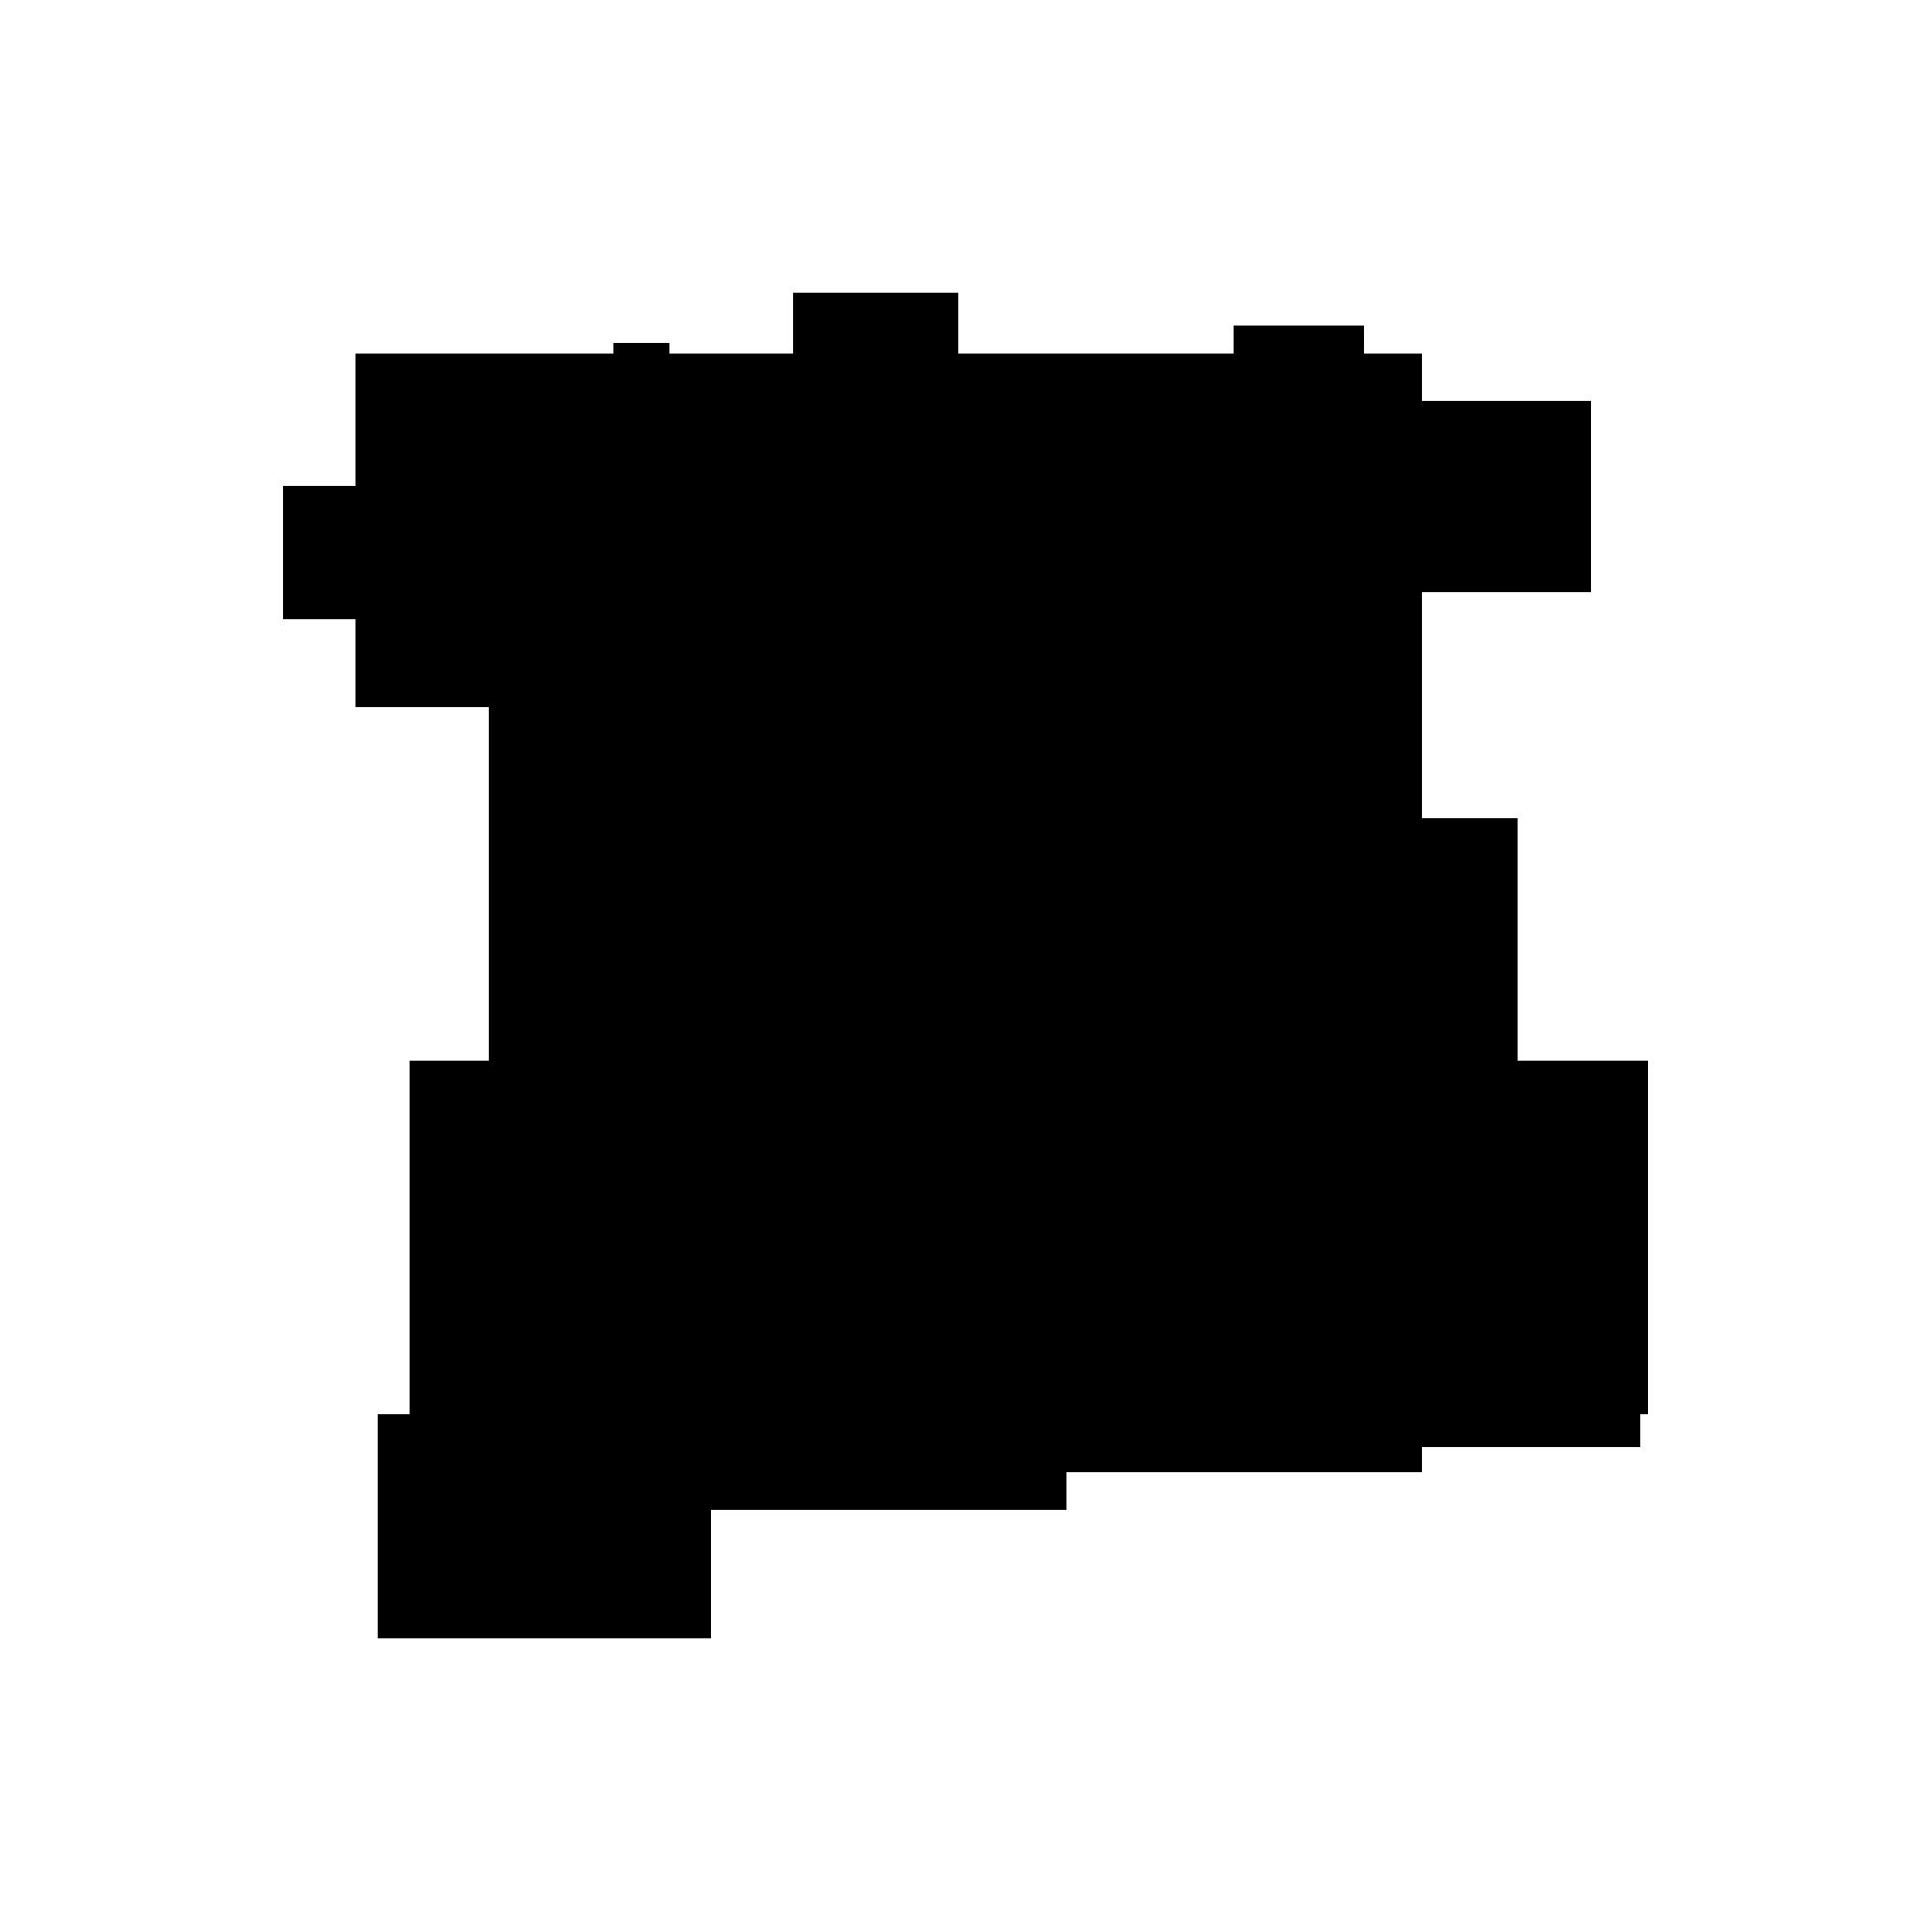 expsp workshop logo 1.png